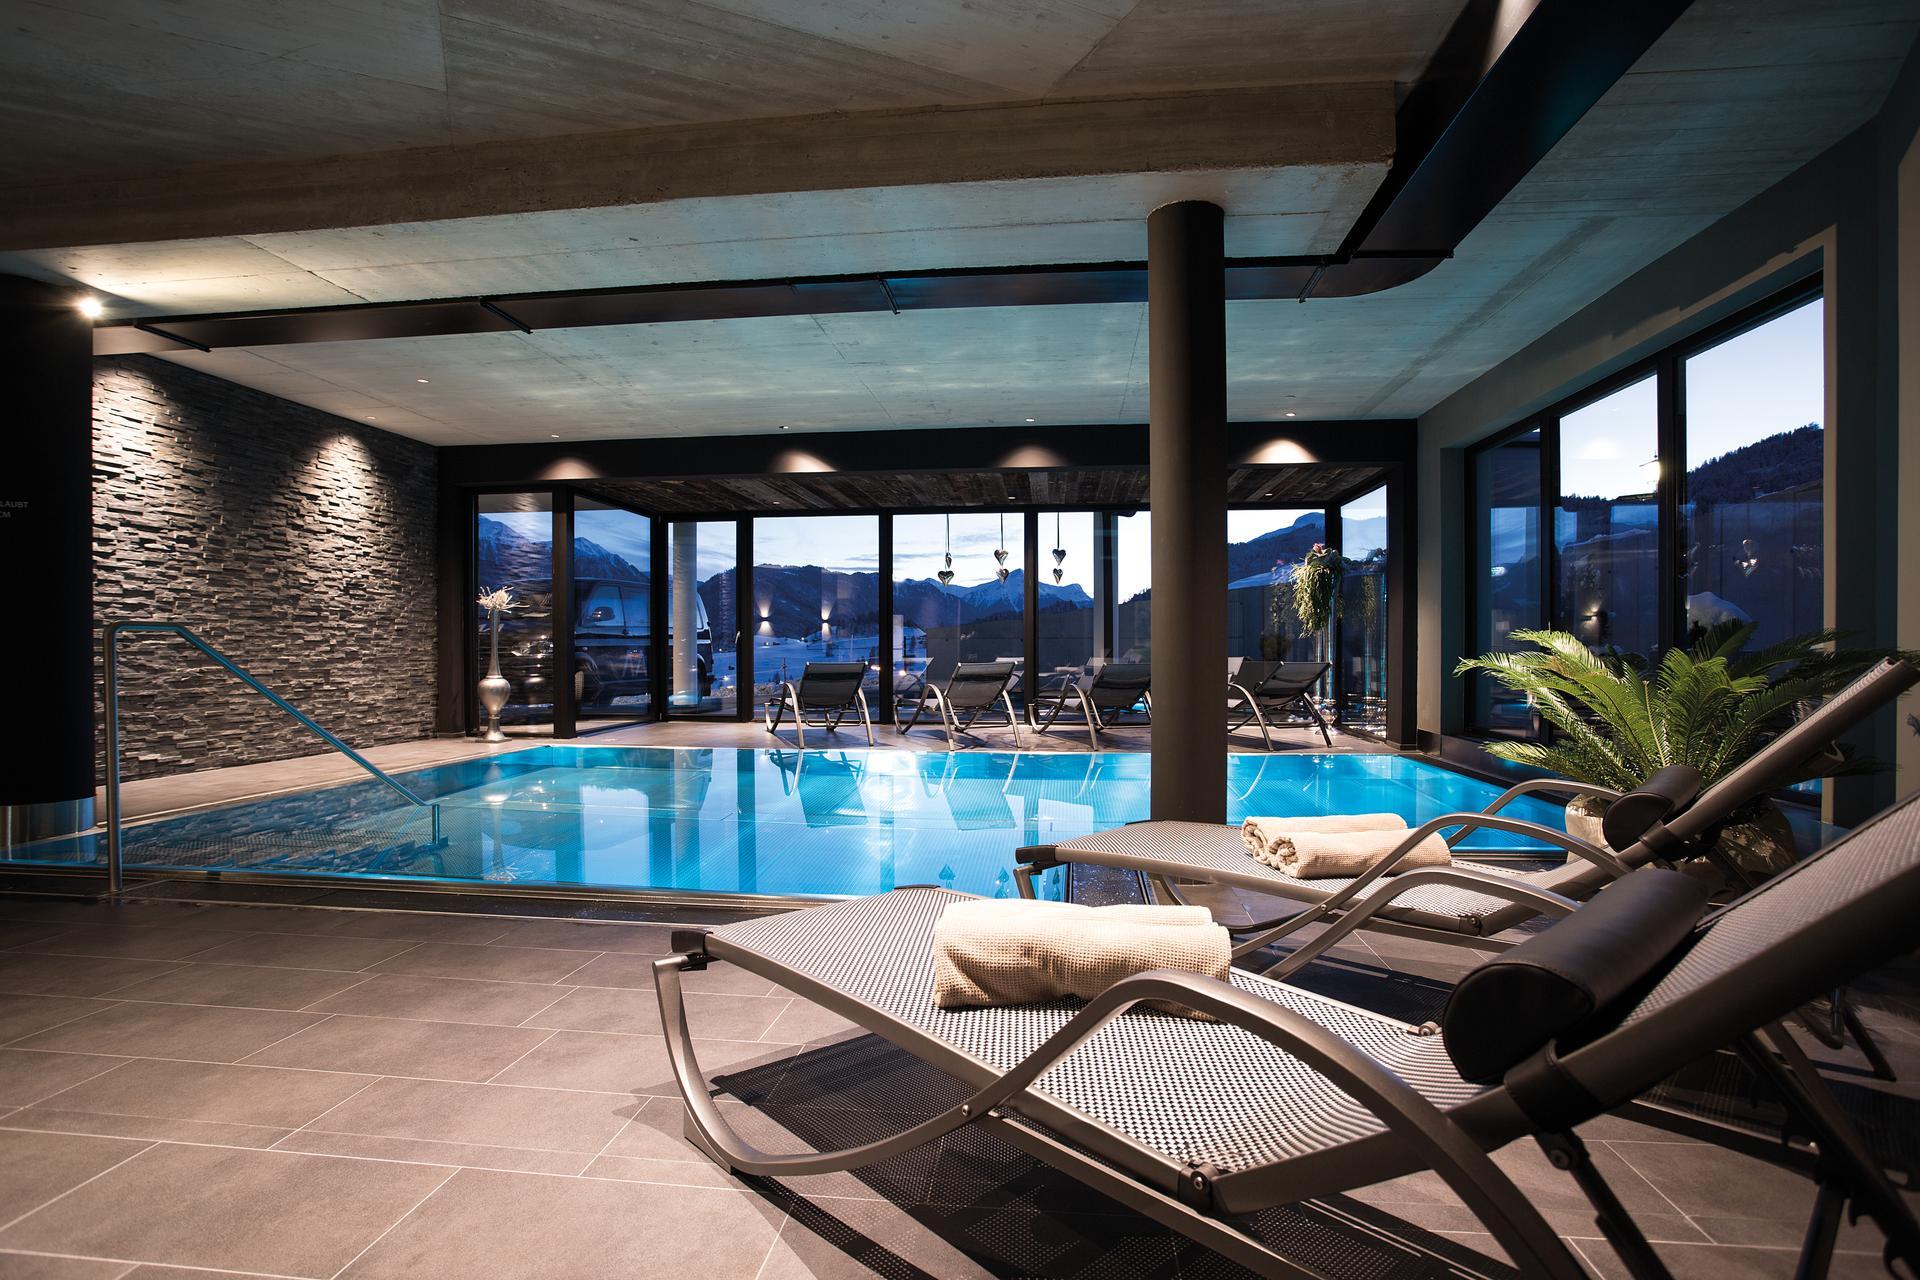 Das Marent Ihr Hotel In Fiss Erholungs Genussurlaub In Tirol